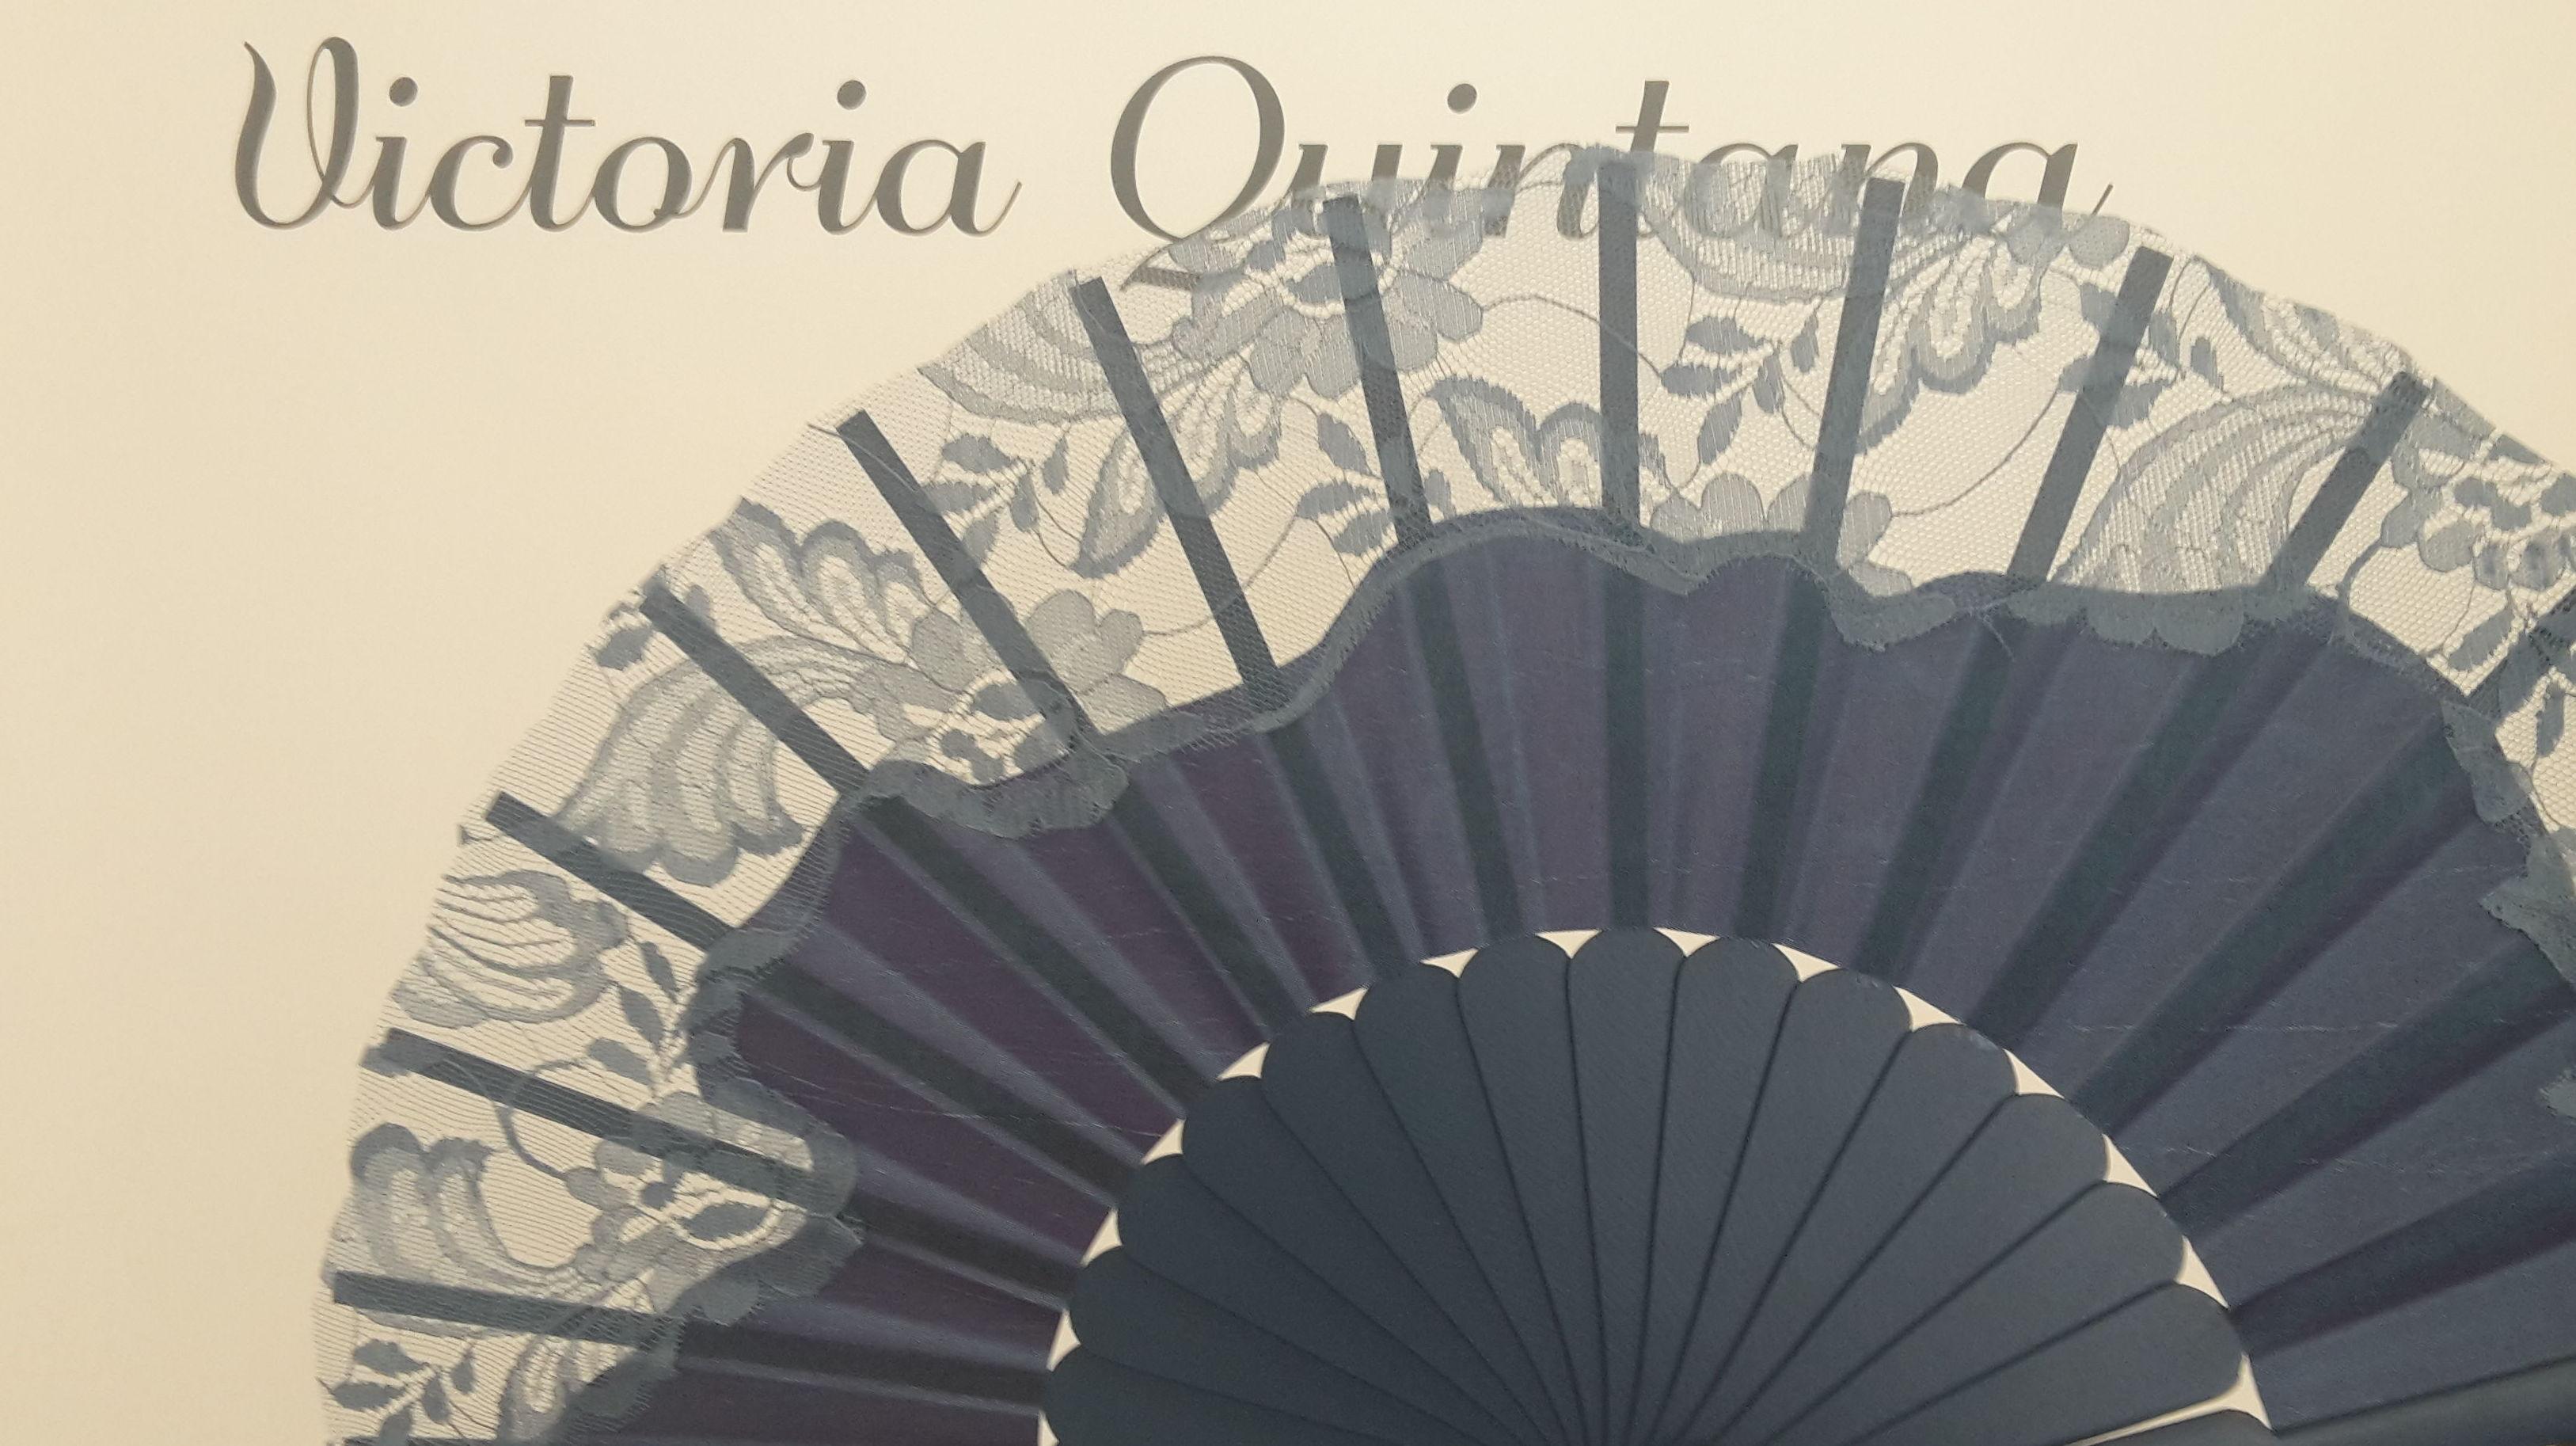 Foto 5 de Bodas en Don Benito | Victoria Quintana Novias